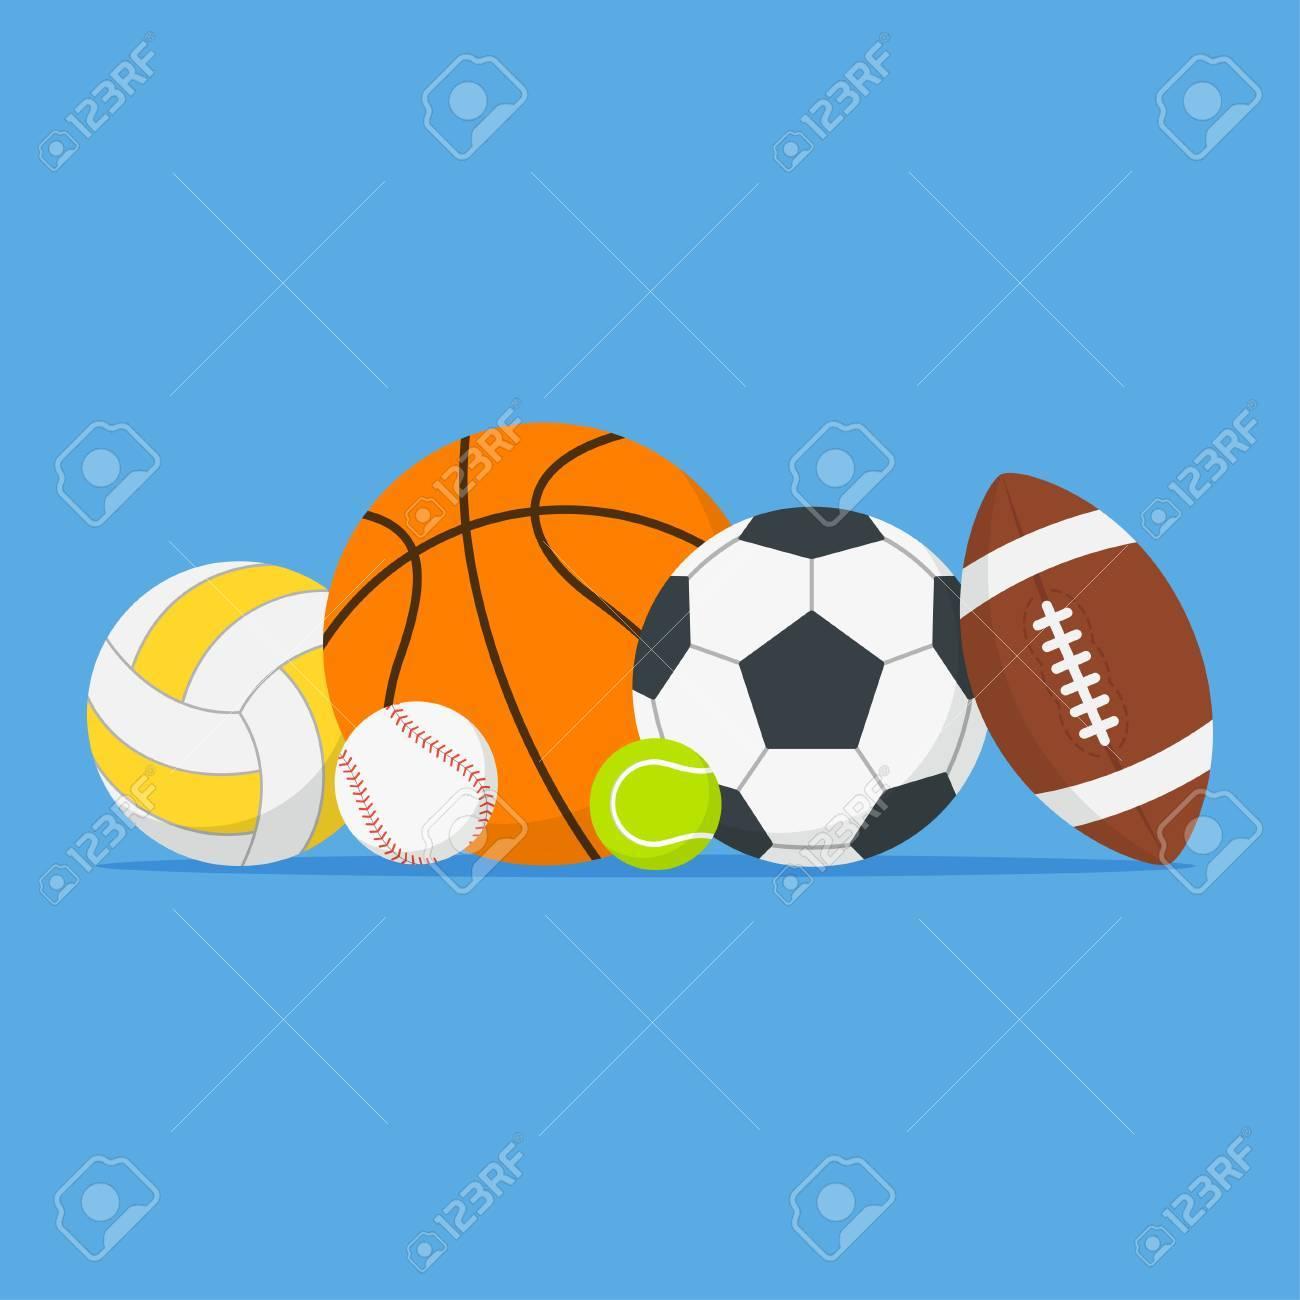 e52cb49d315 Foto de archivo - Set de pelotas de deporte. Bolas de dibujos animados en  un montón en un estilo plano. Equipo deportivo para jugar al fútbol,  ??baloncesto, ...